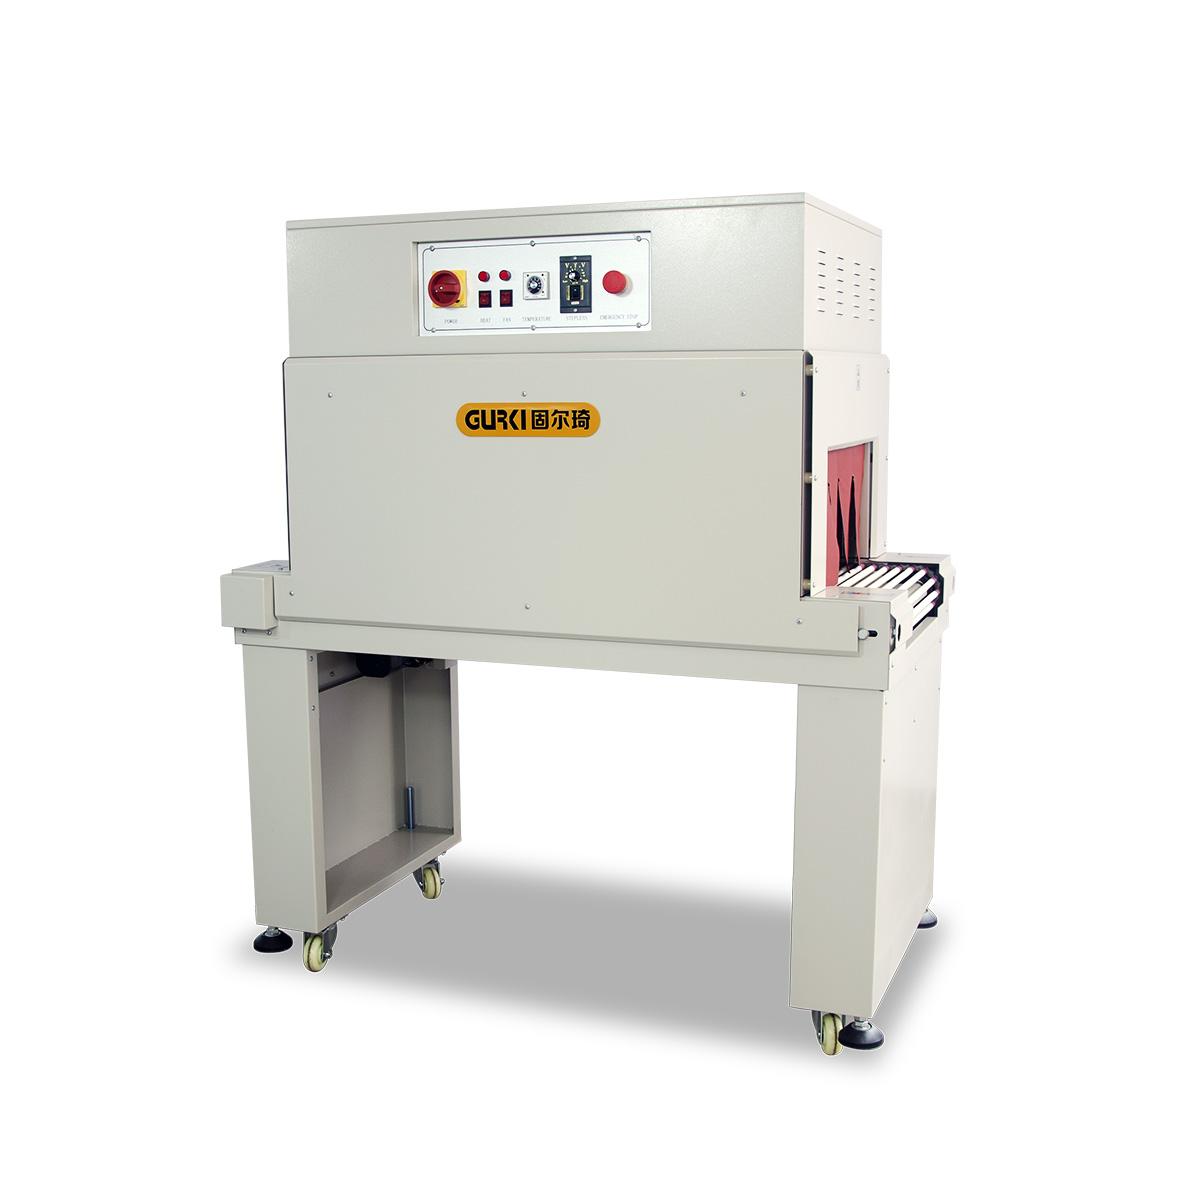 热收缩包装机在食品工业中起到了重要作用,热收缩包装机具有优秀的实用性